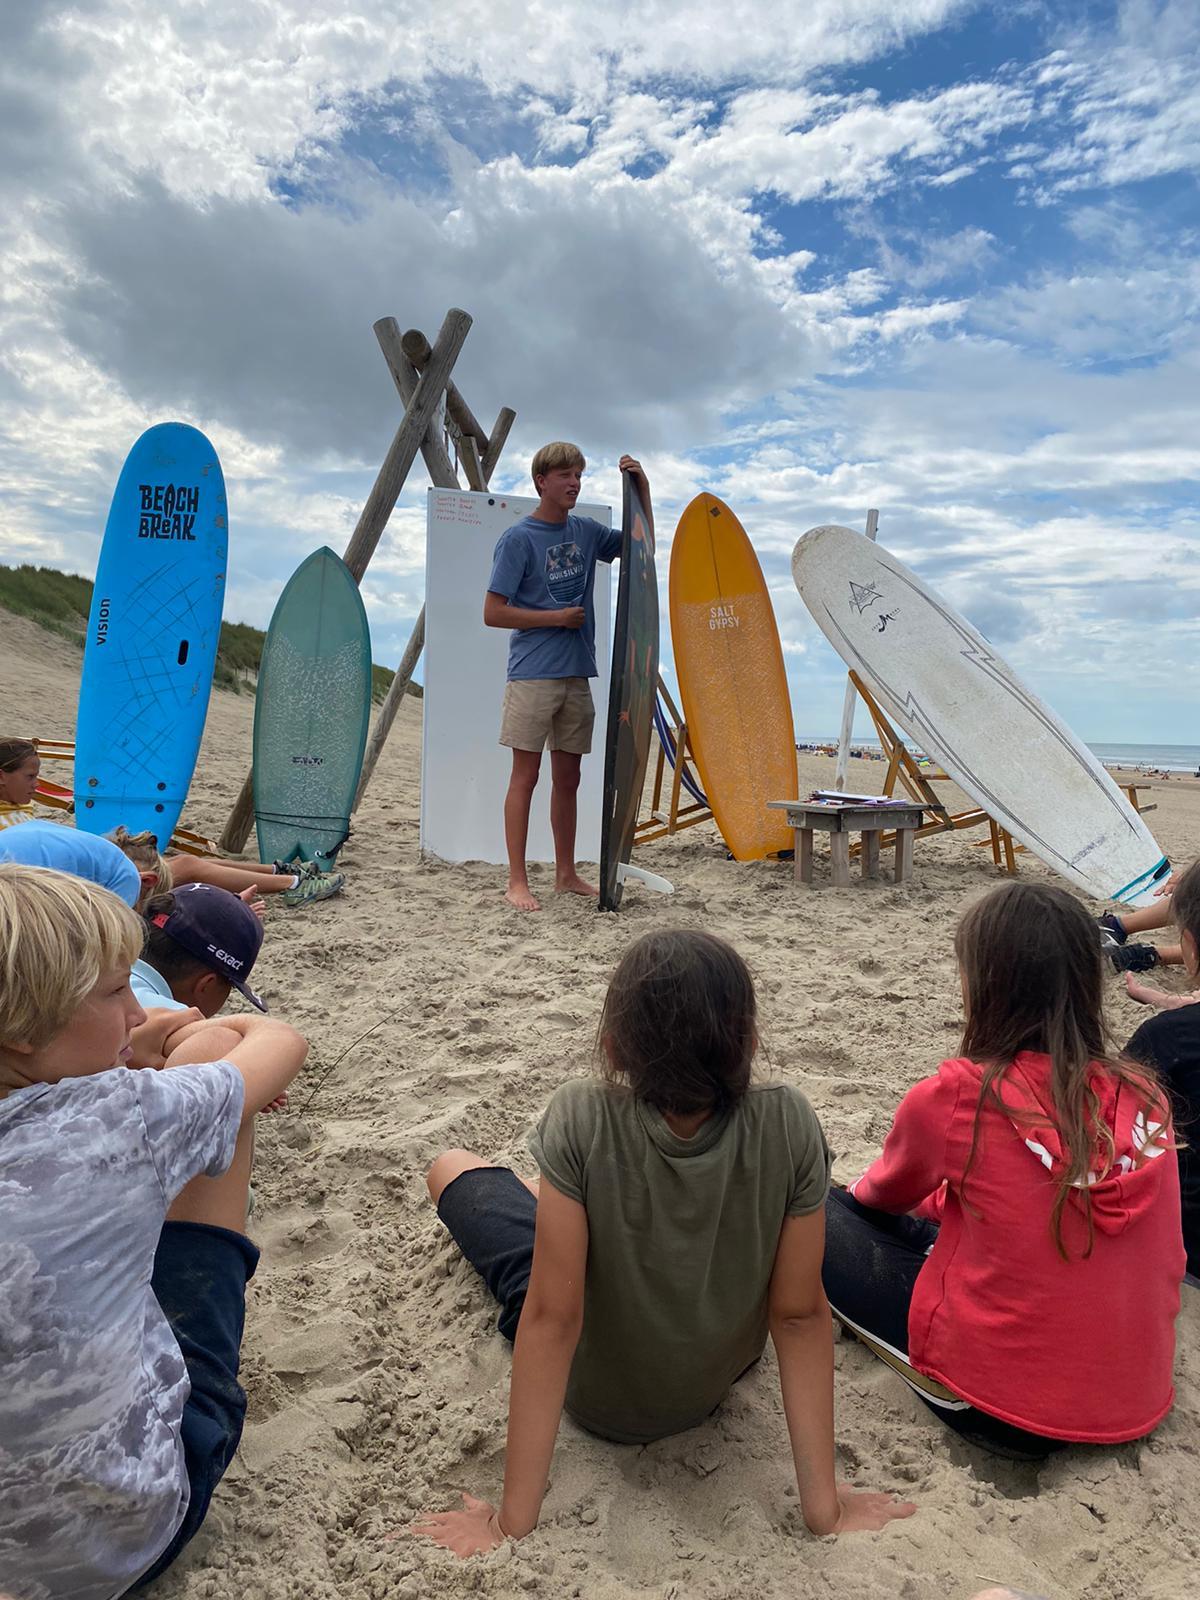 Surfkamp 2021 Noordwijk Surfles surfen in noordwij zomerkamp Surfschool Noordwijk Surfles in Noordwijk